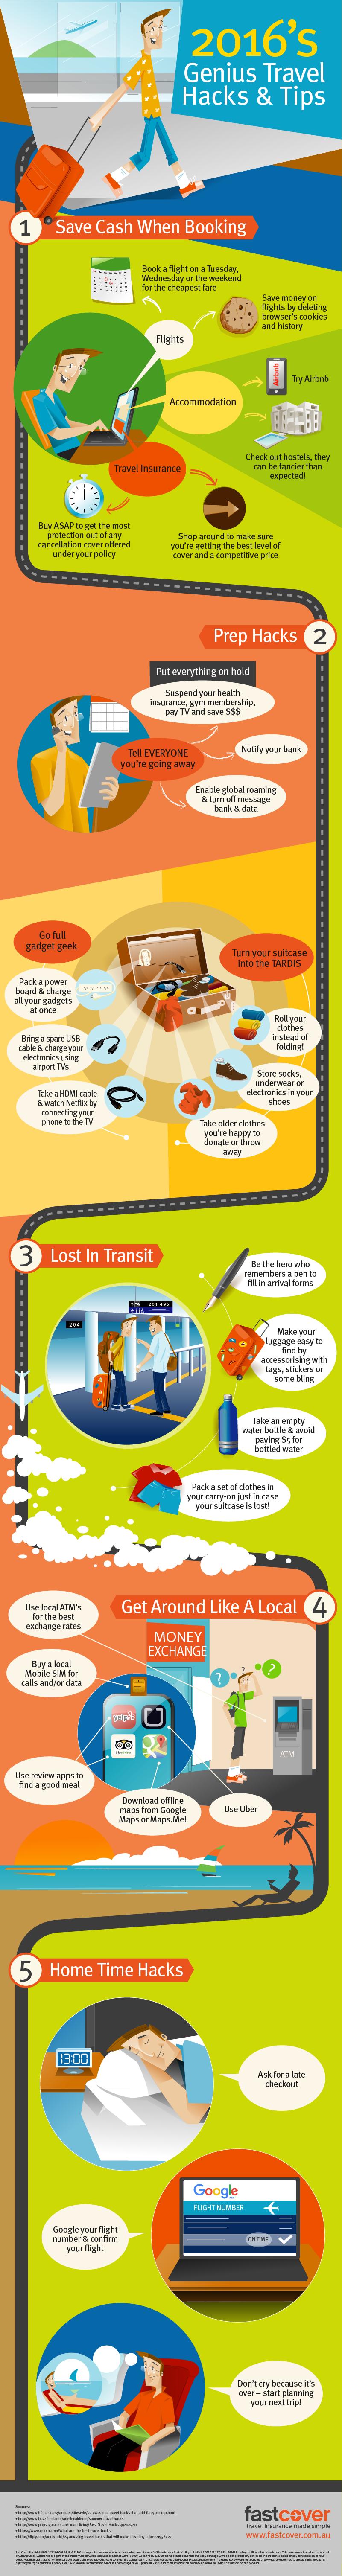 Genius Travel Hacks